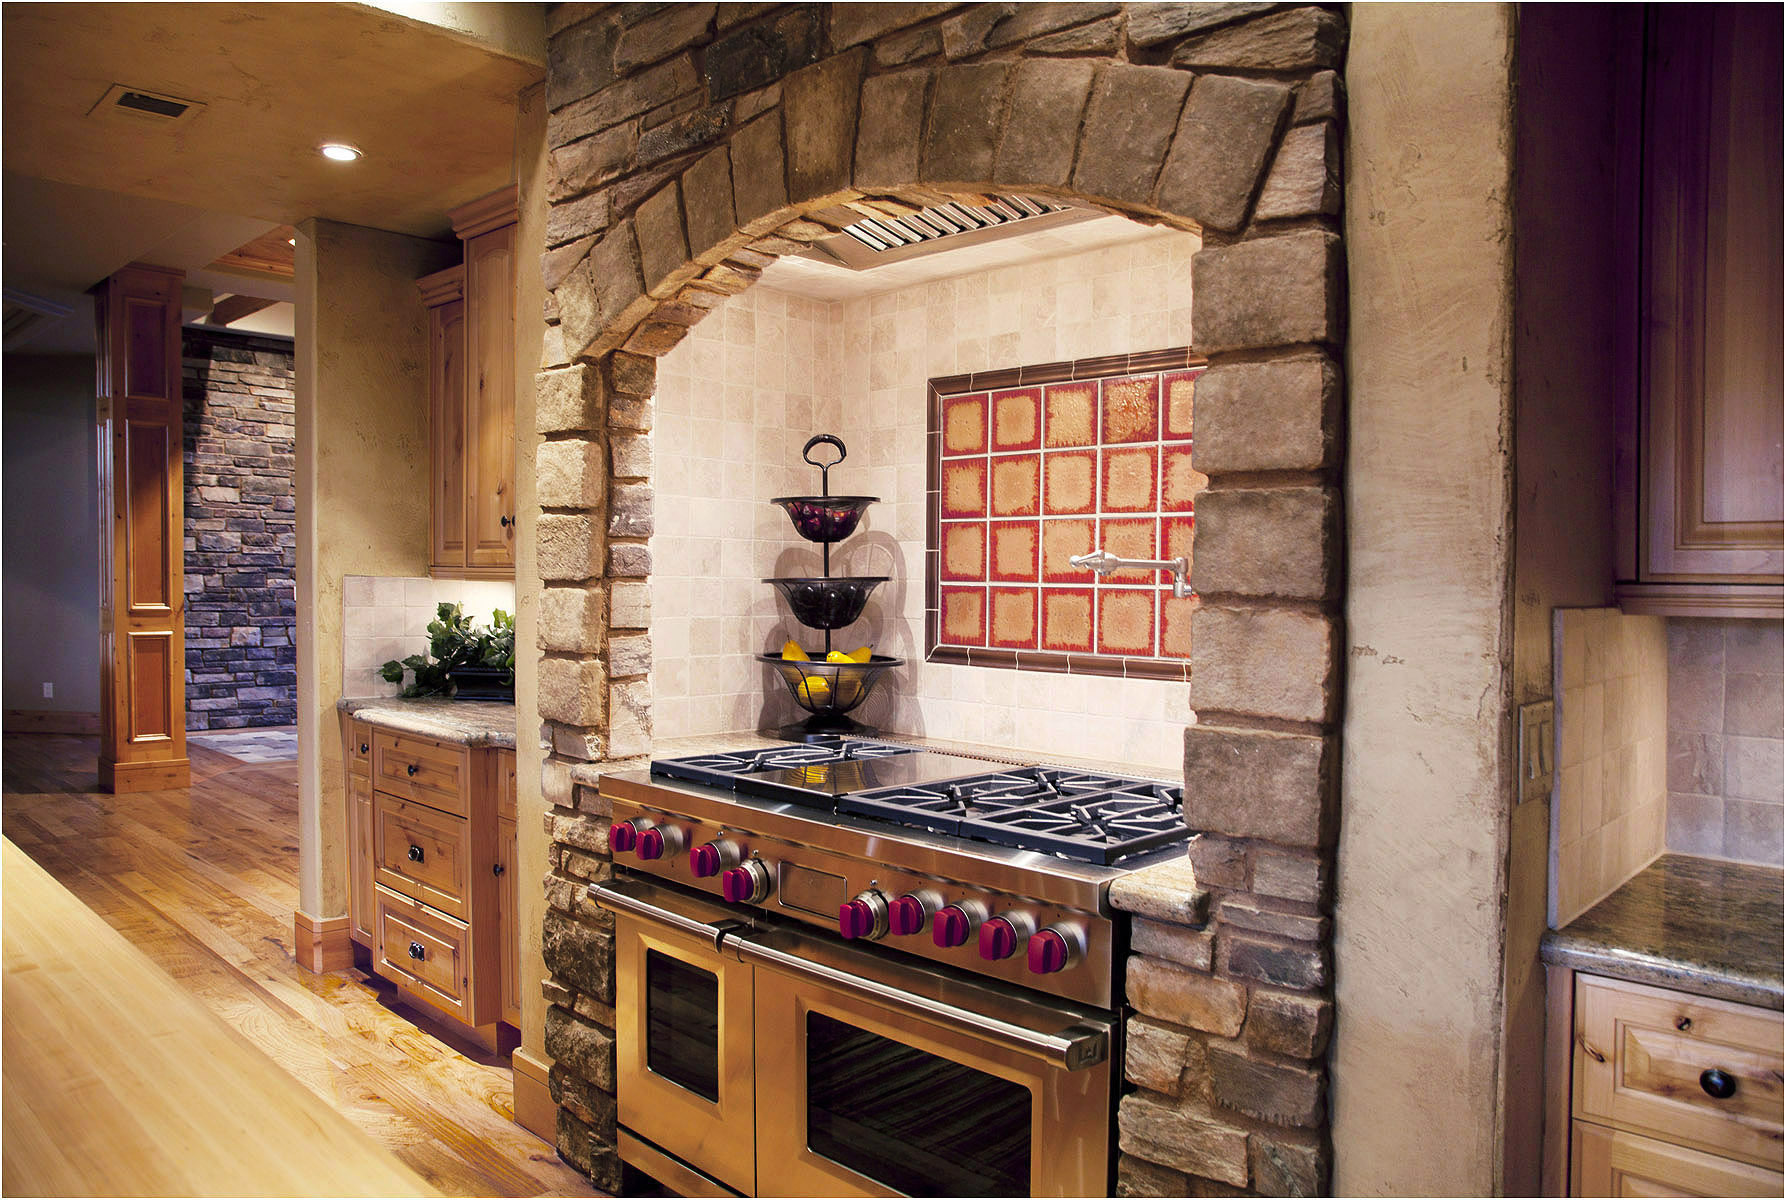 1photo_41330_kitchen_021b.jpg